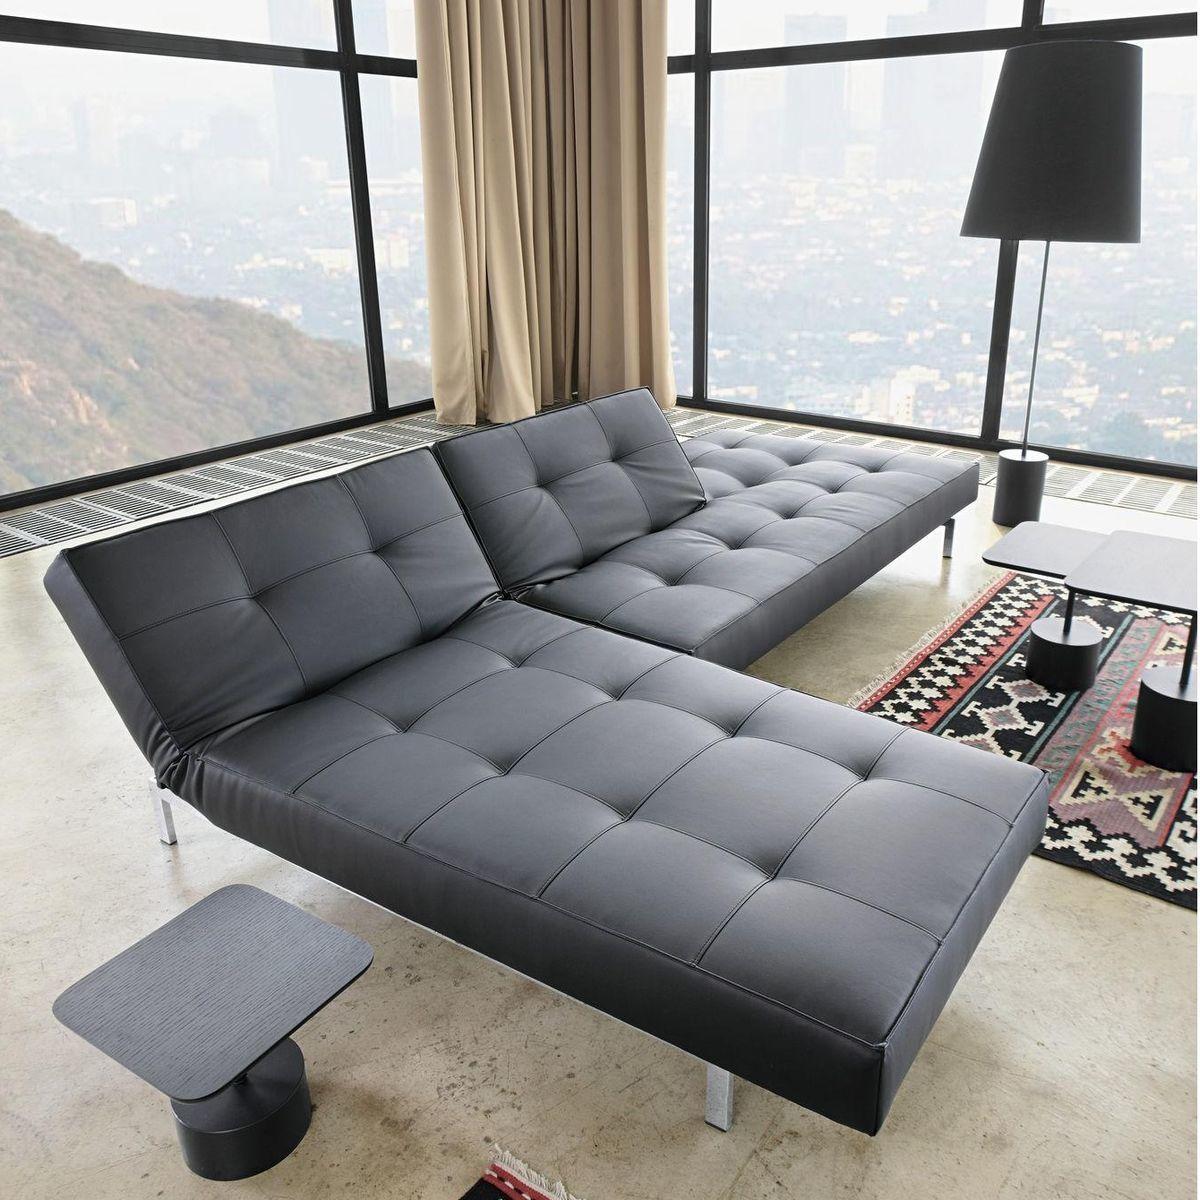 splitback canap lit chrome innovation. Black Bedroom Furniture Sets. Home Design Ideas